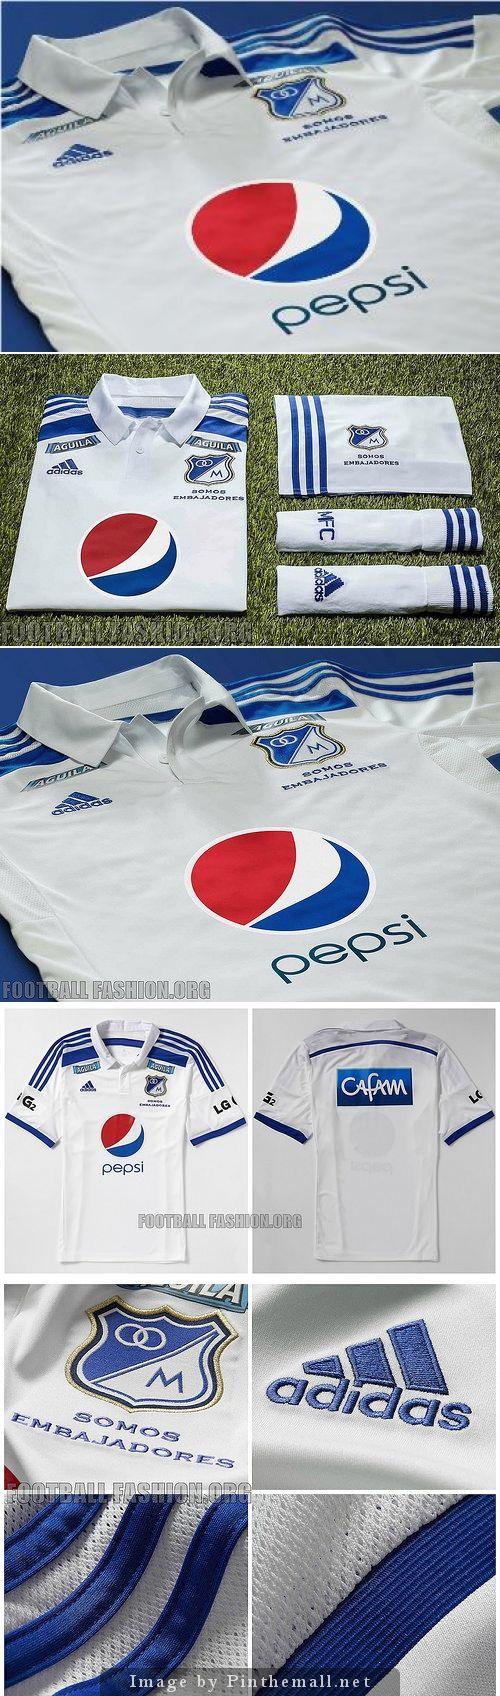 Millonarios FC 2014/15 adidas Away Jersey ♥ ♥ ♥